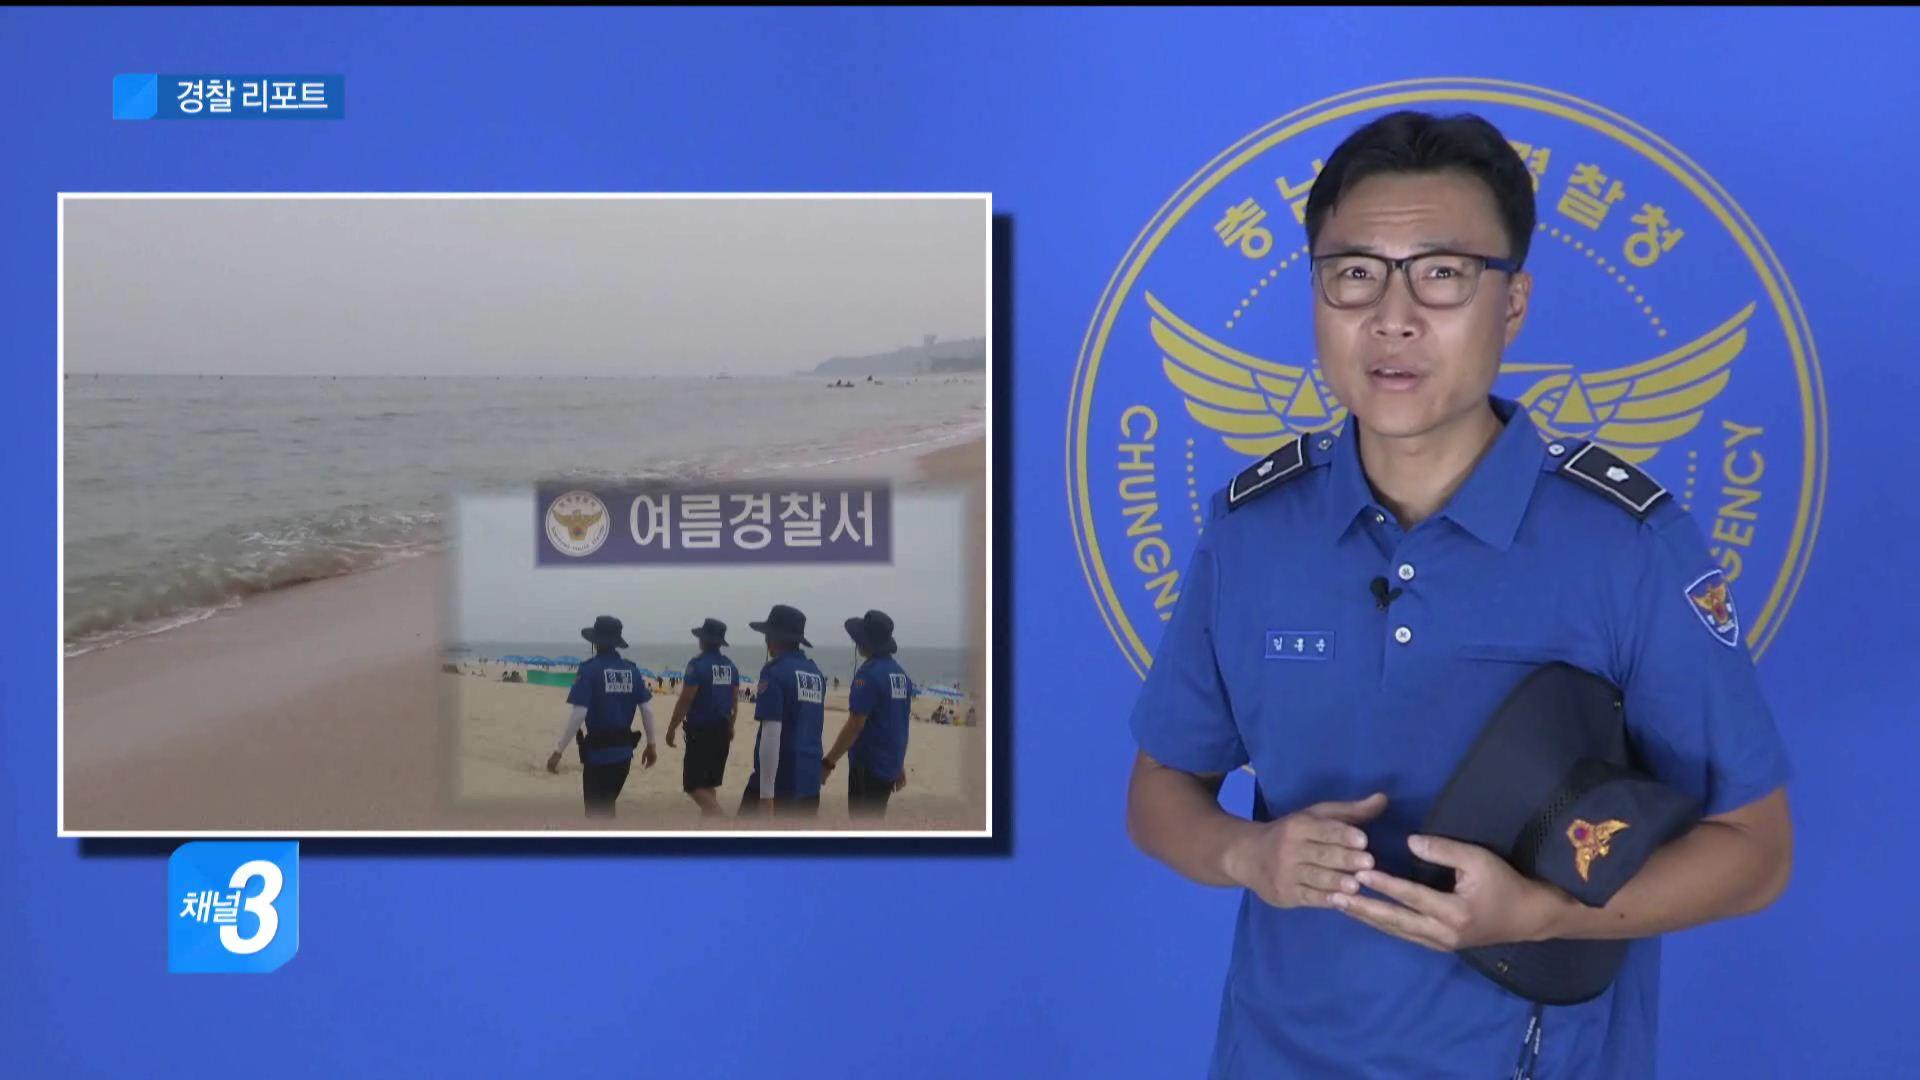 충남경찰리포트 79회 -김홍운 경위의 코믹버전